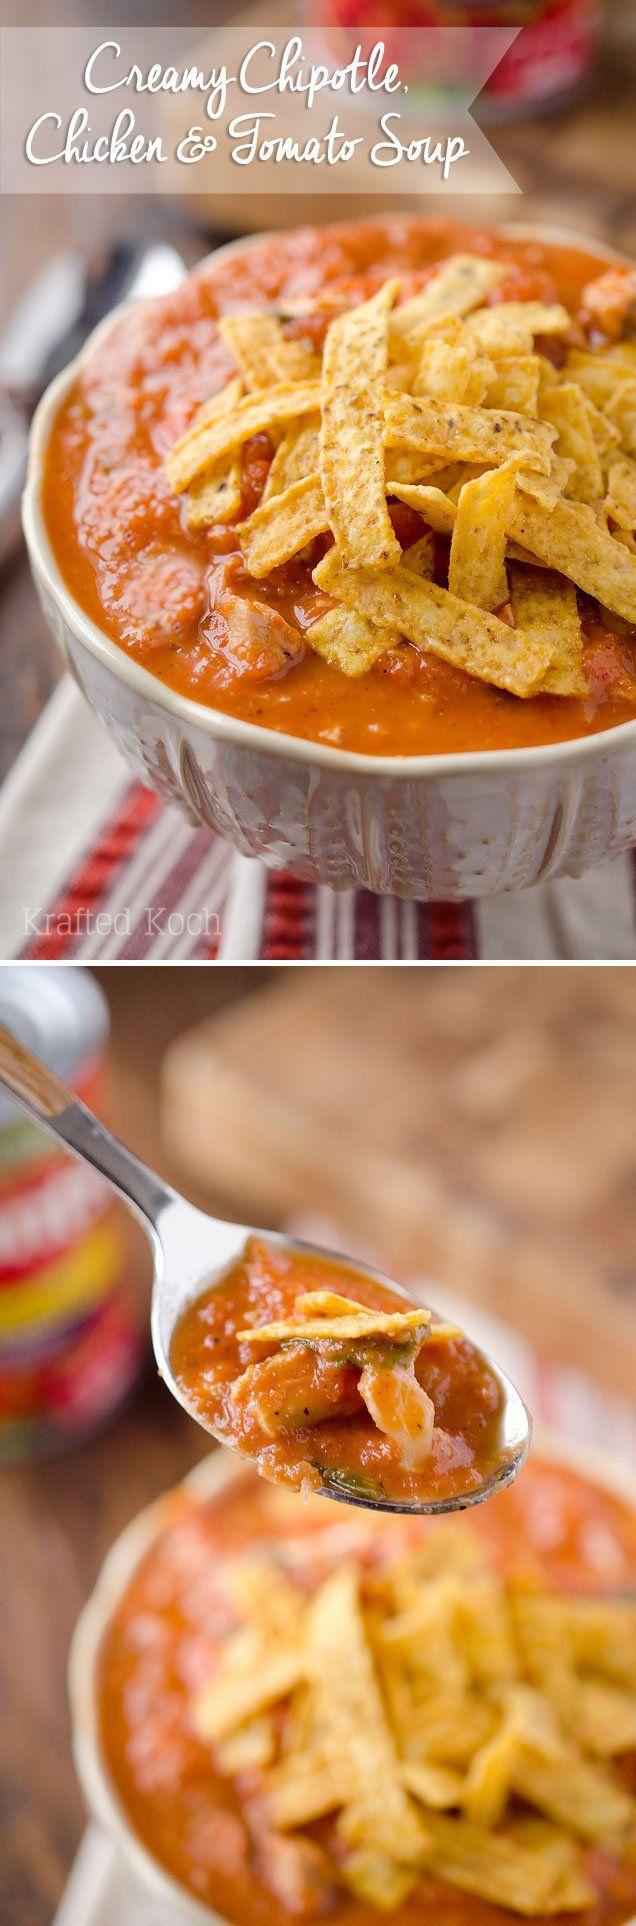 Creamy Chipotle, Chicken & Tomato Soup | Chipotle, Chipotle chicken ...